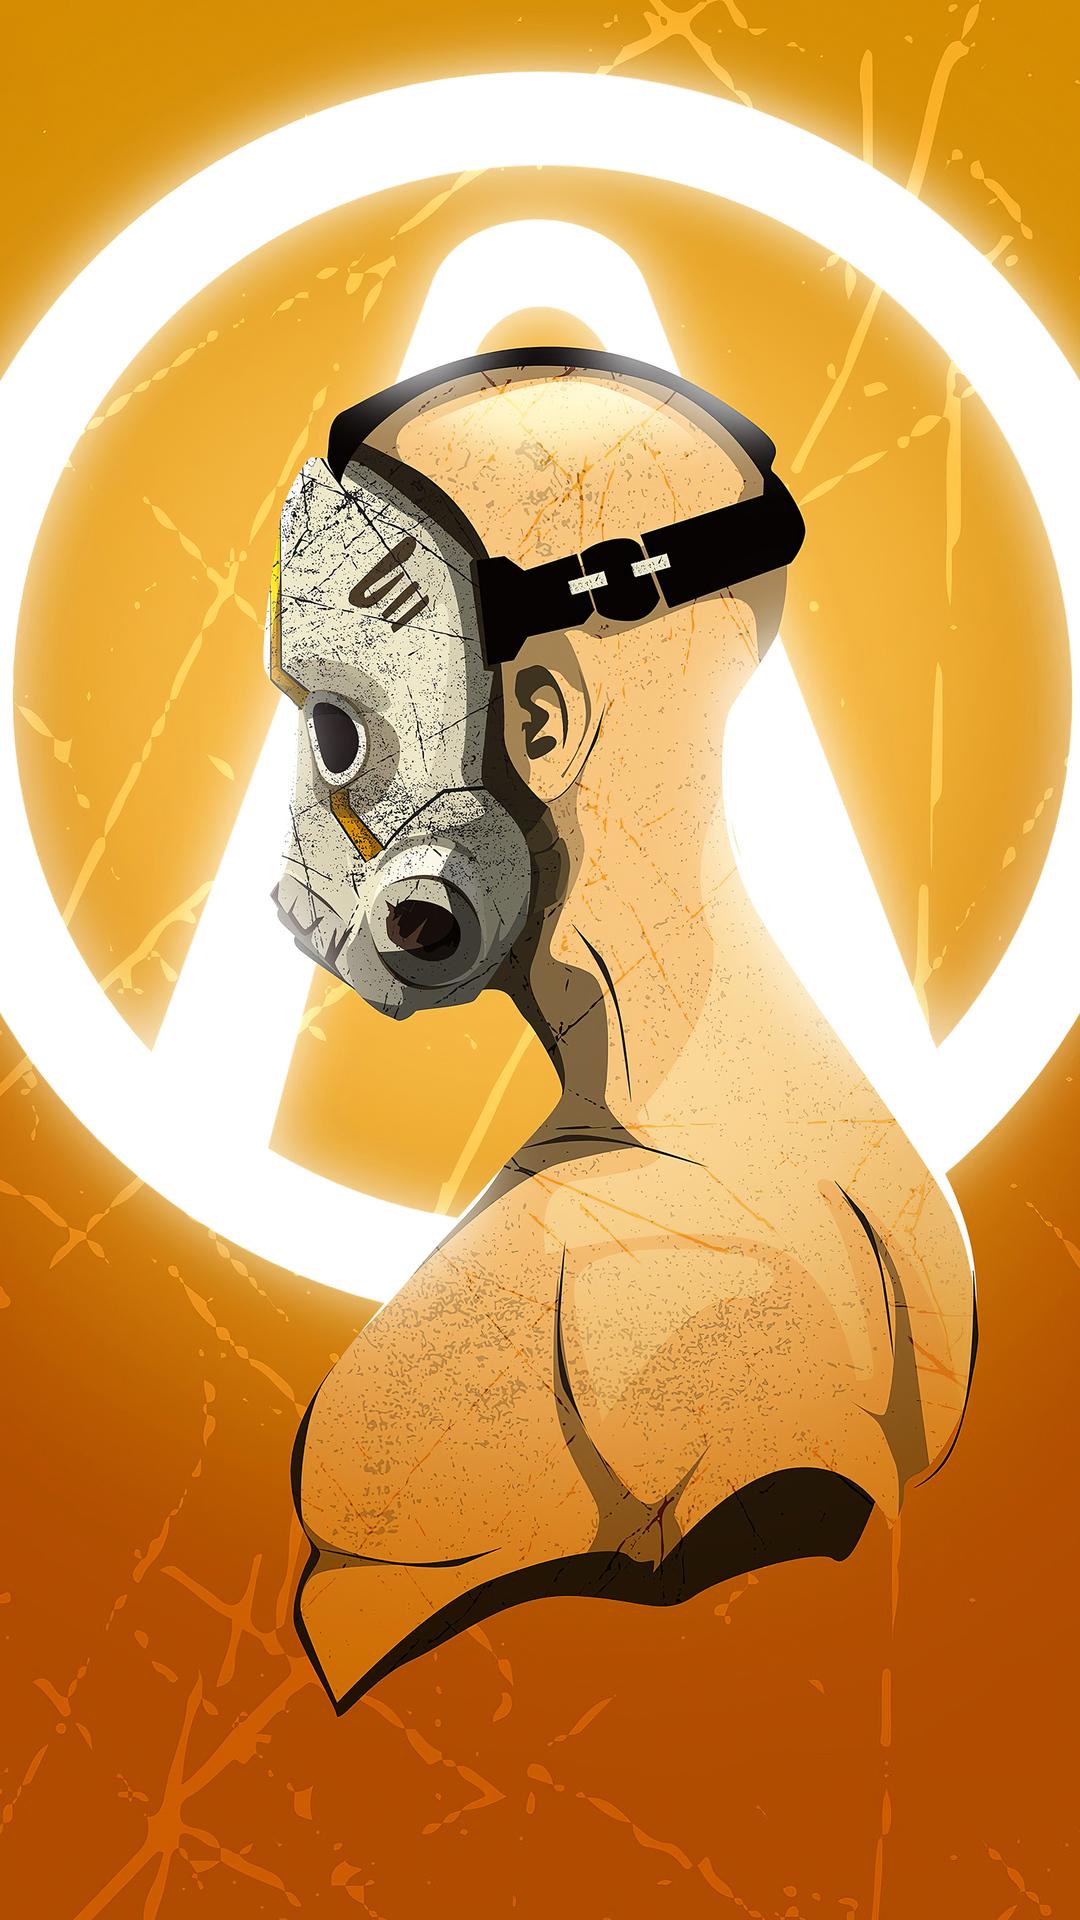 borderlands-3-mask-boy-4k-4m.jpg